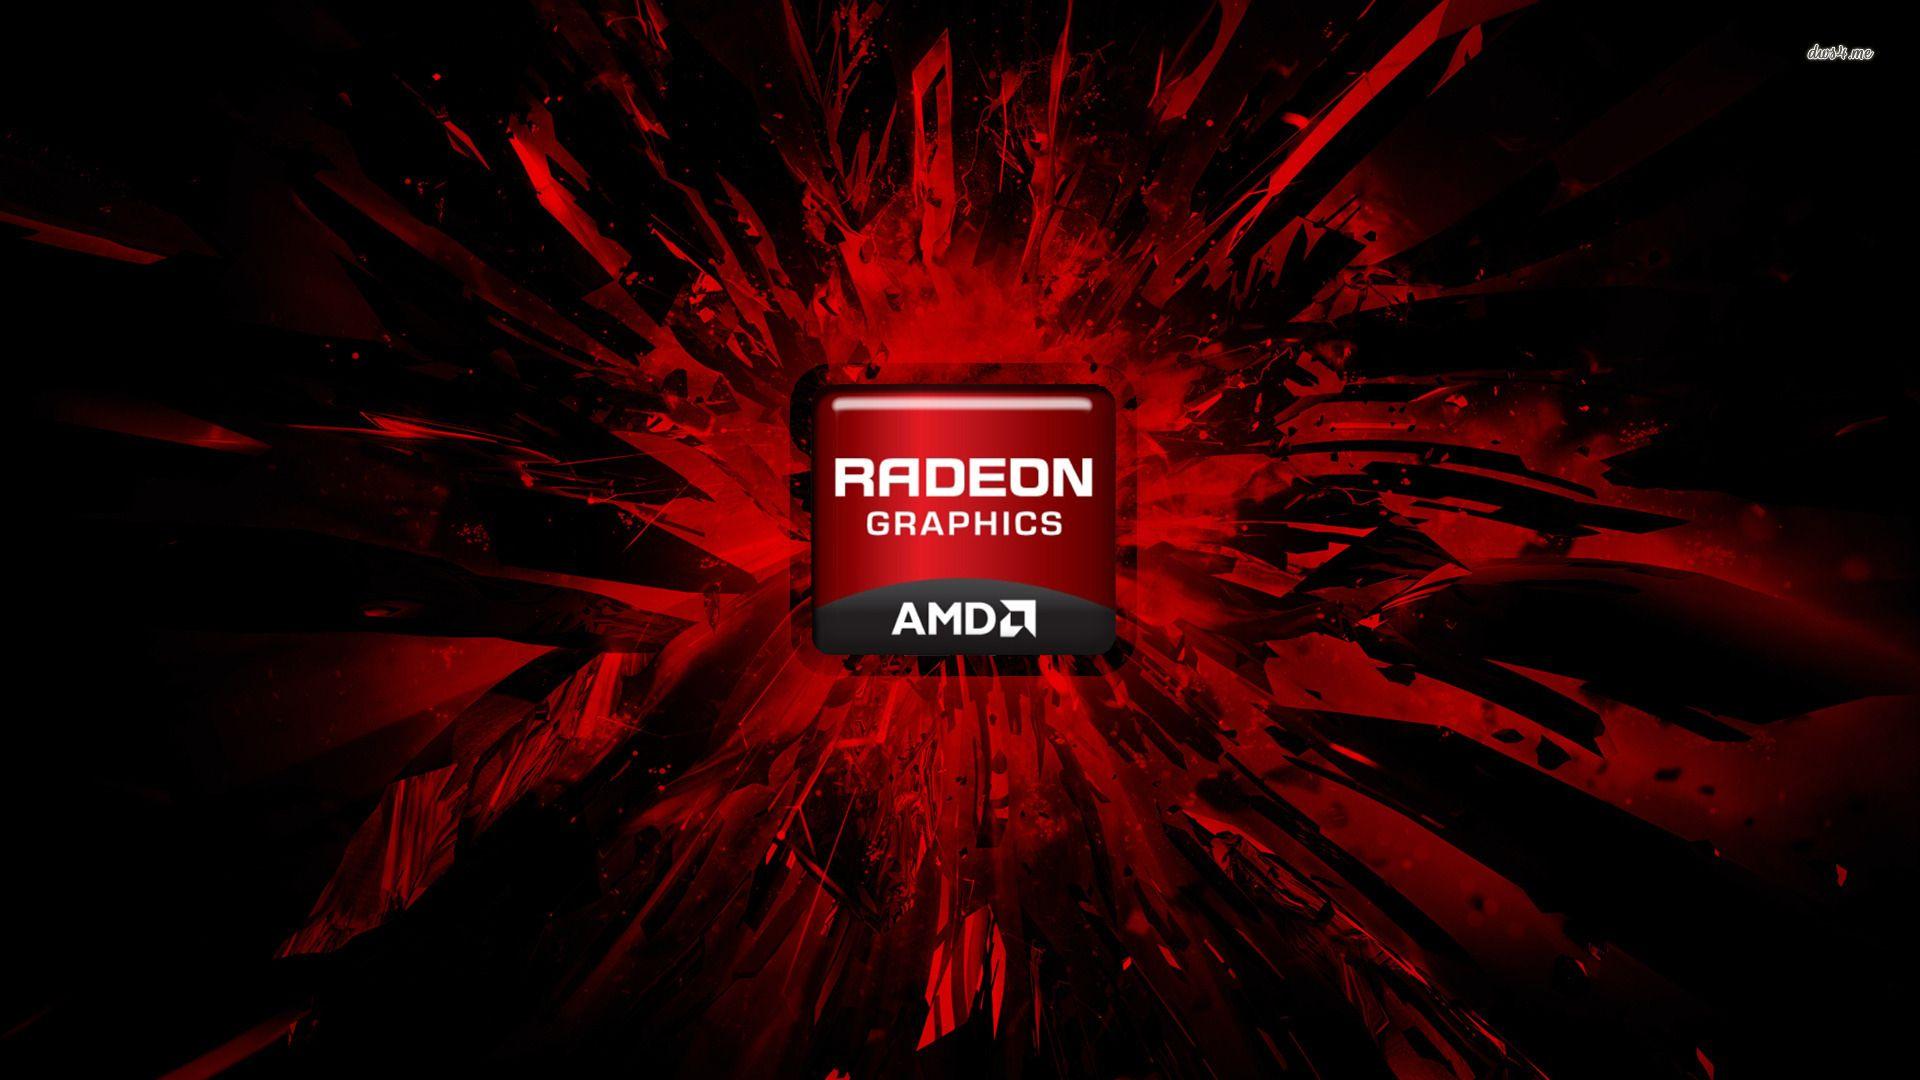 Amd Radeon Wallpaper 8486 Hdwidescreenscom 1920x1080